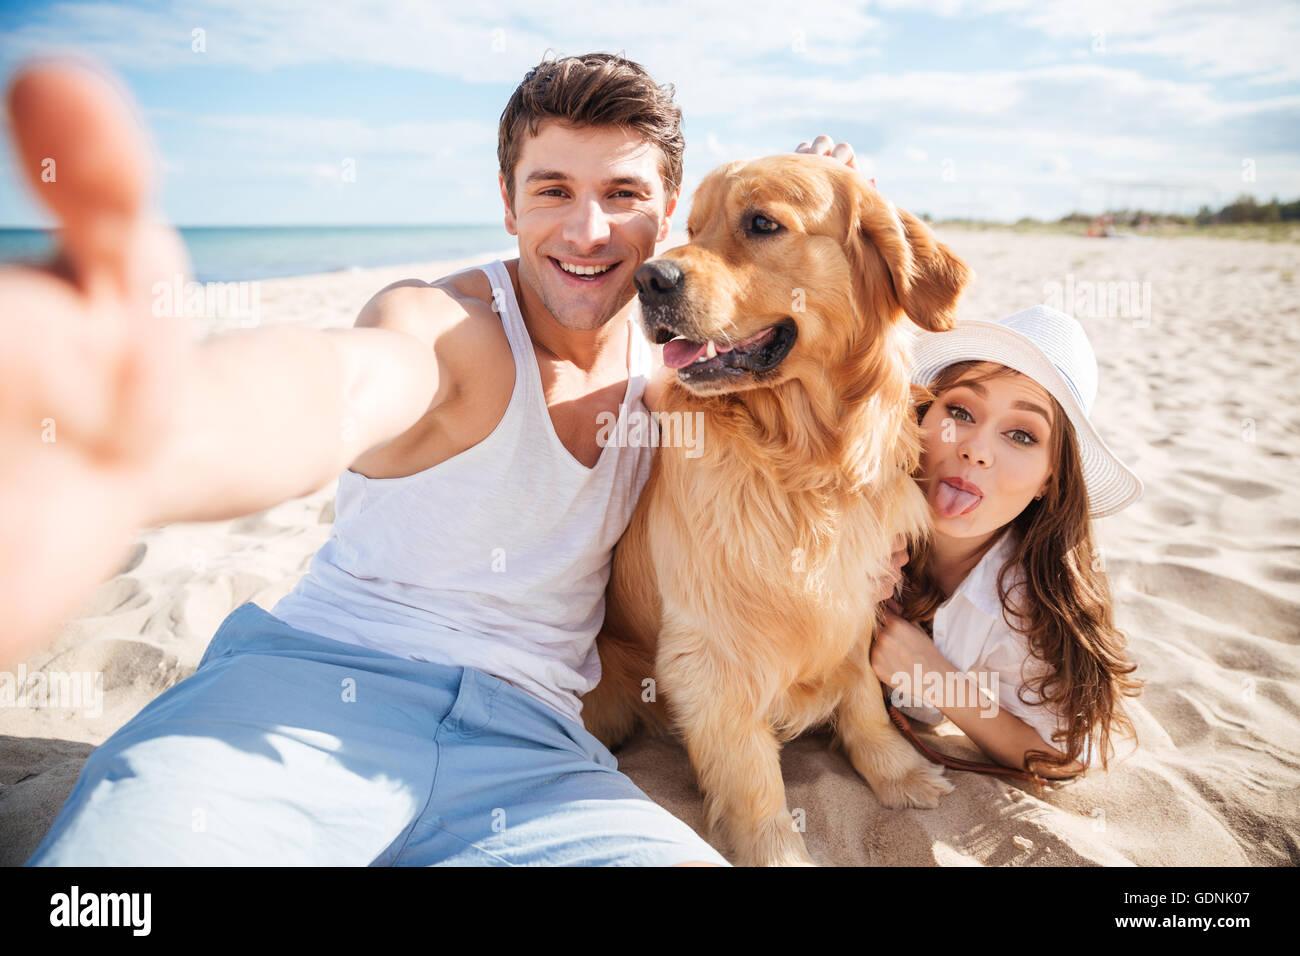 Feliz pareja joven con perro teniendo un selfie en la playa. Imagen De Stock